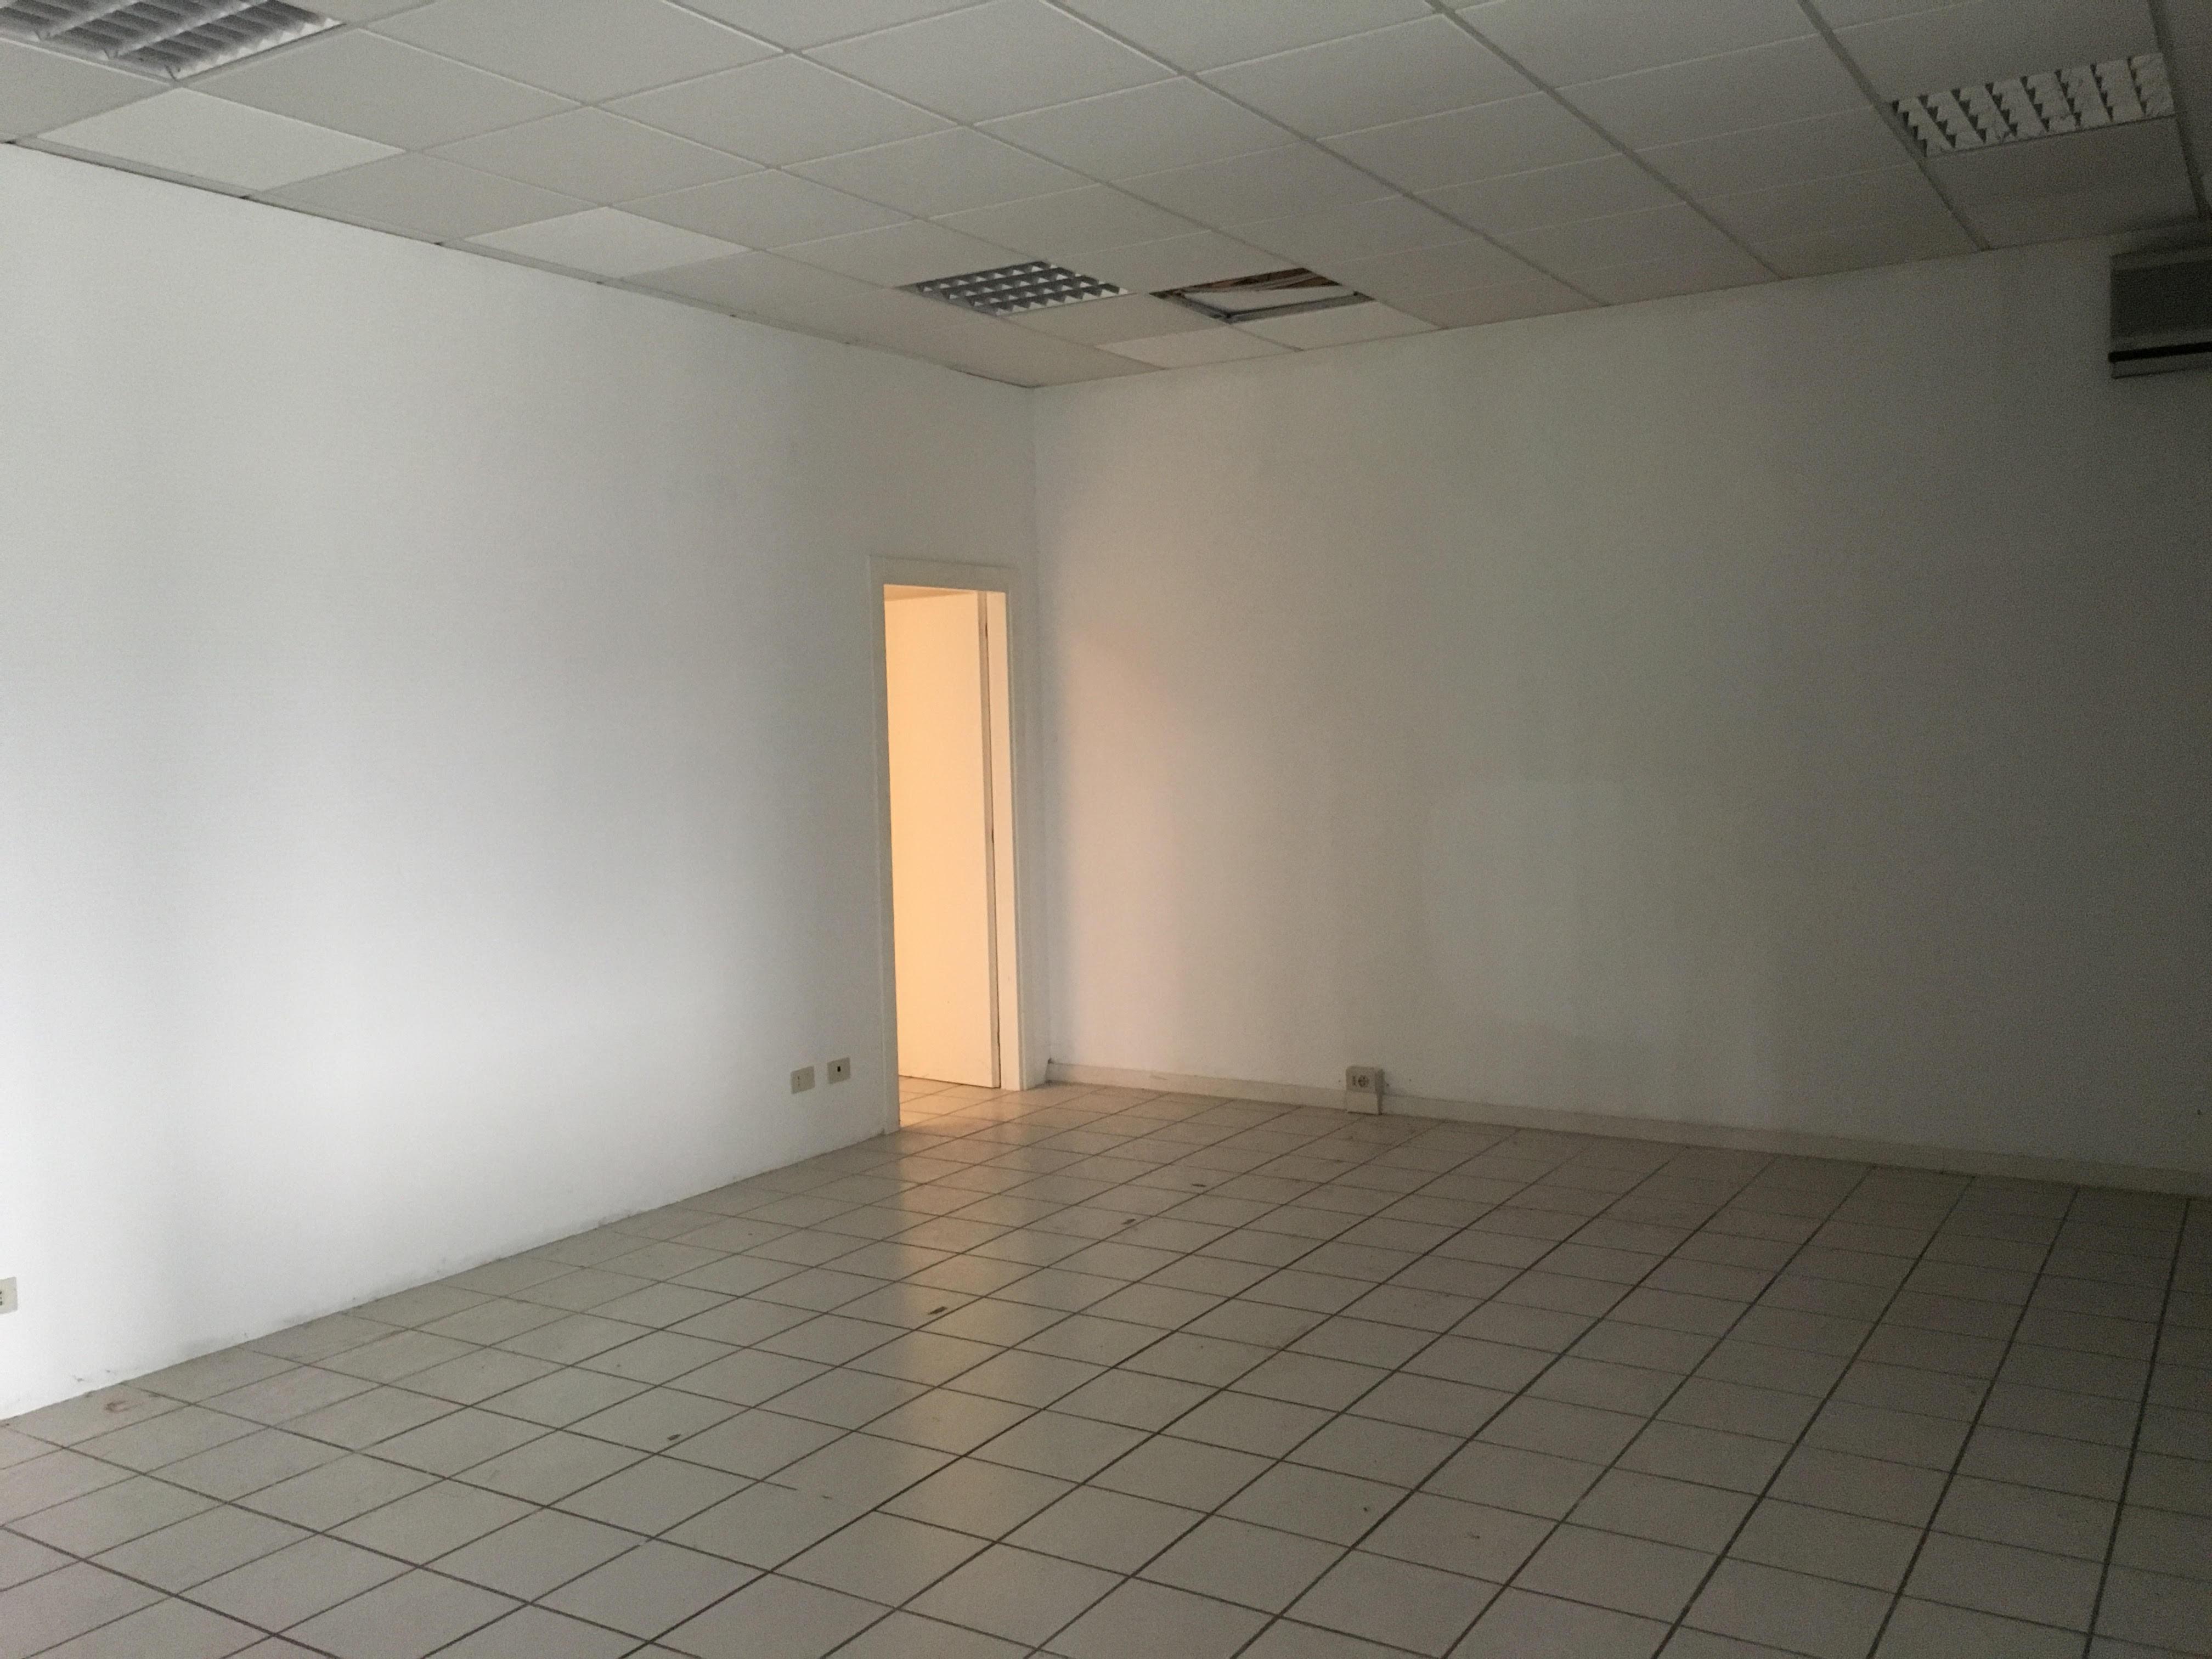 Piante Ufficio Open Space : Ampio ufficio open space a udine nord 115 mq in pianta regolare